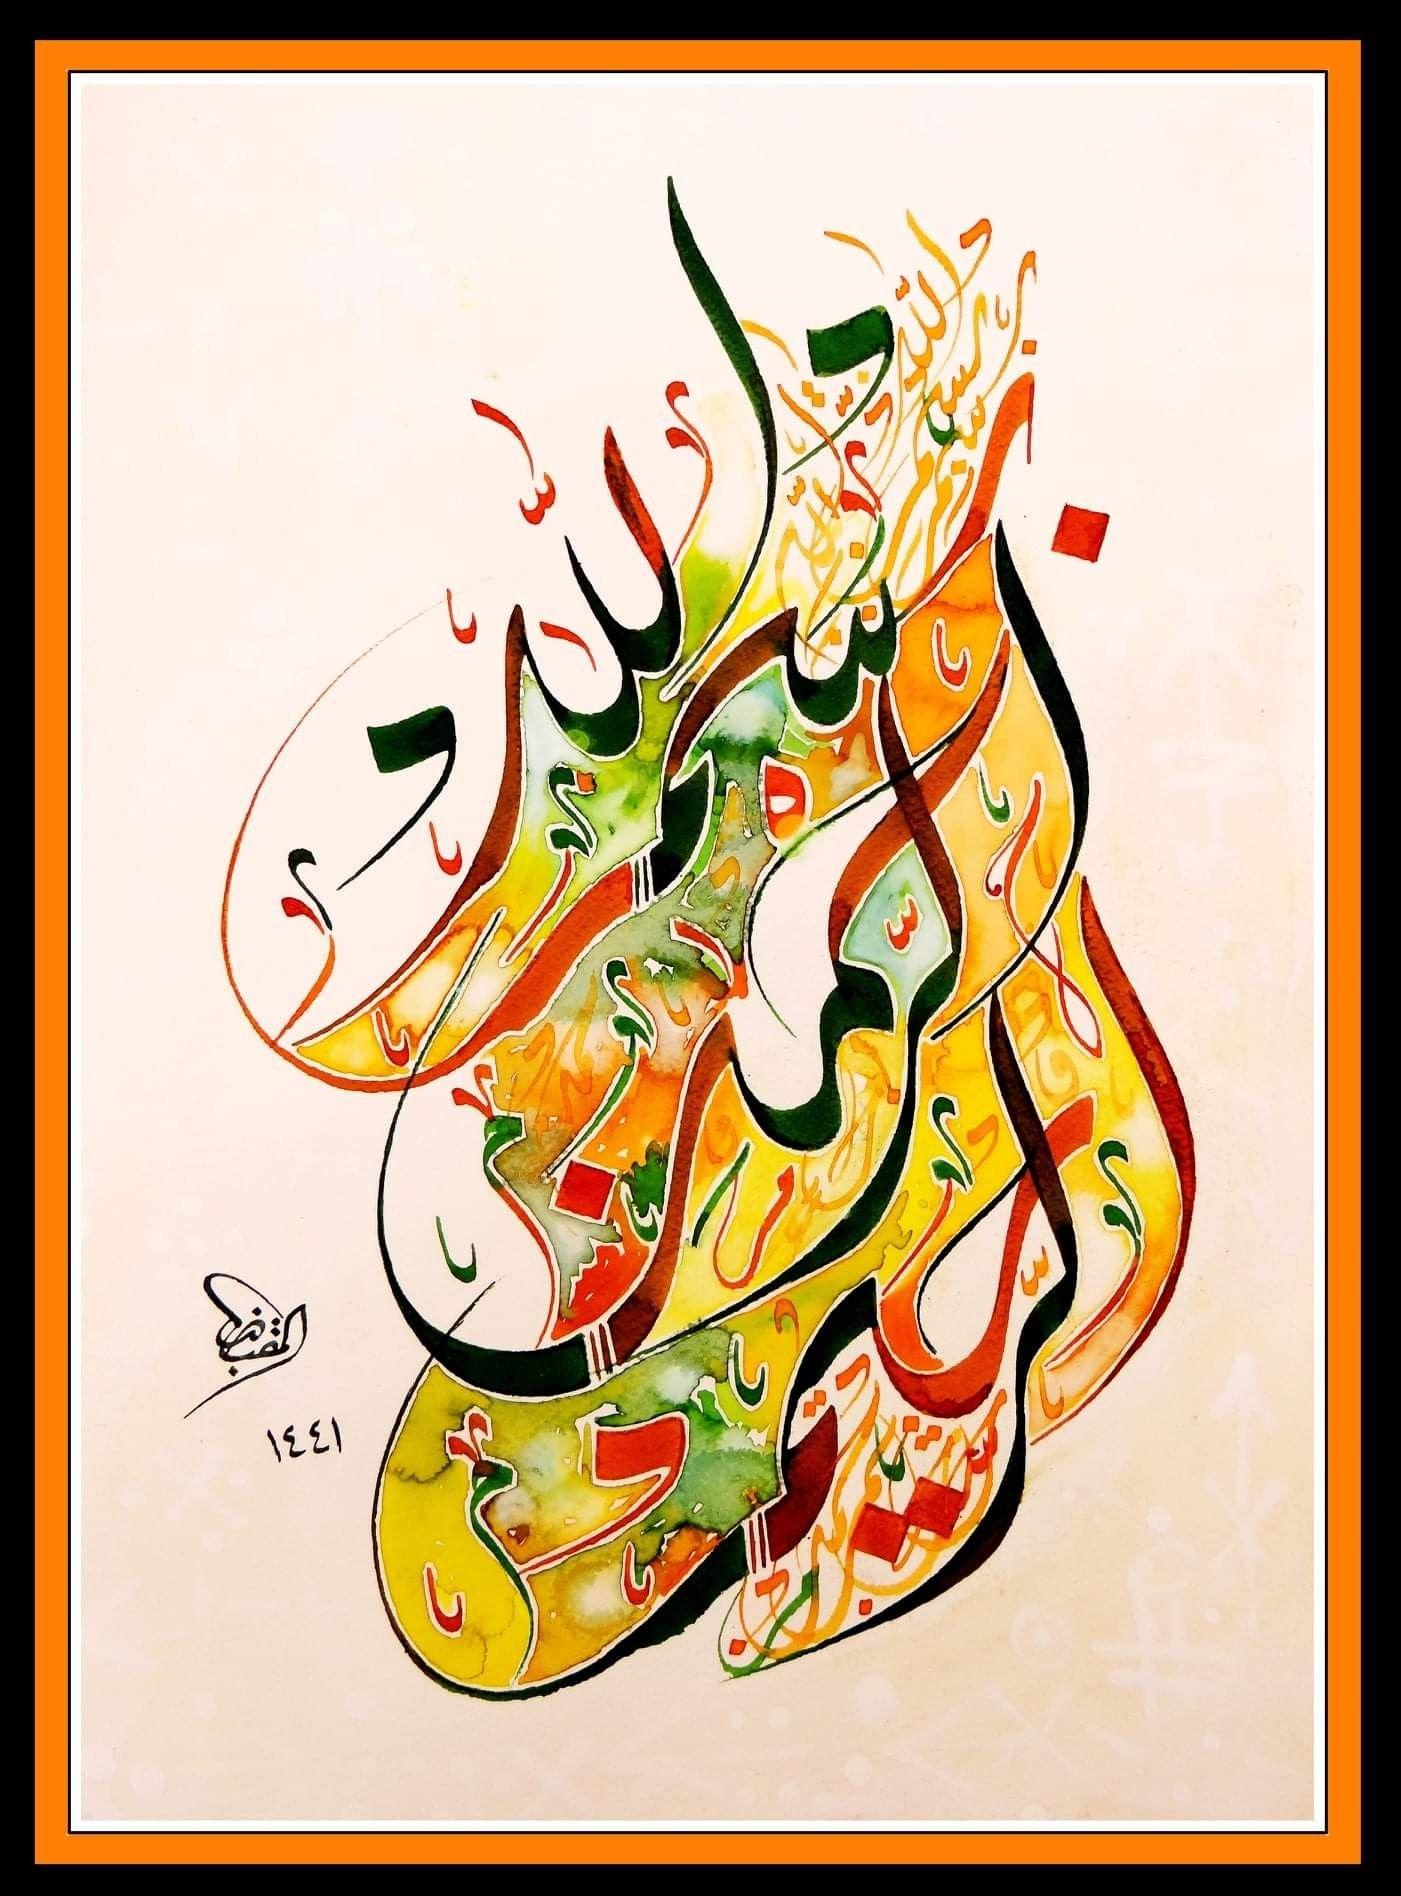 بسم الله الرحمن الرحيم In 2020 Printable Islamic Art Islamic Art Art Inspiration